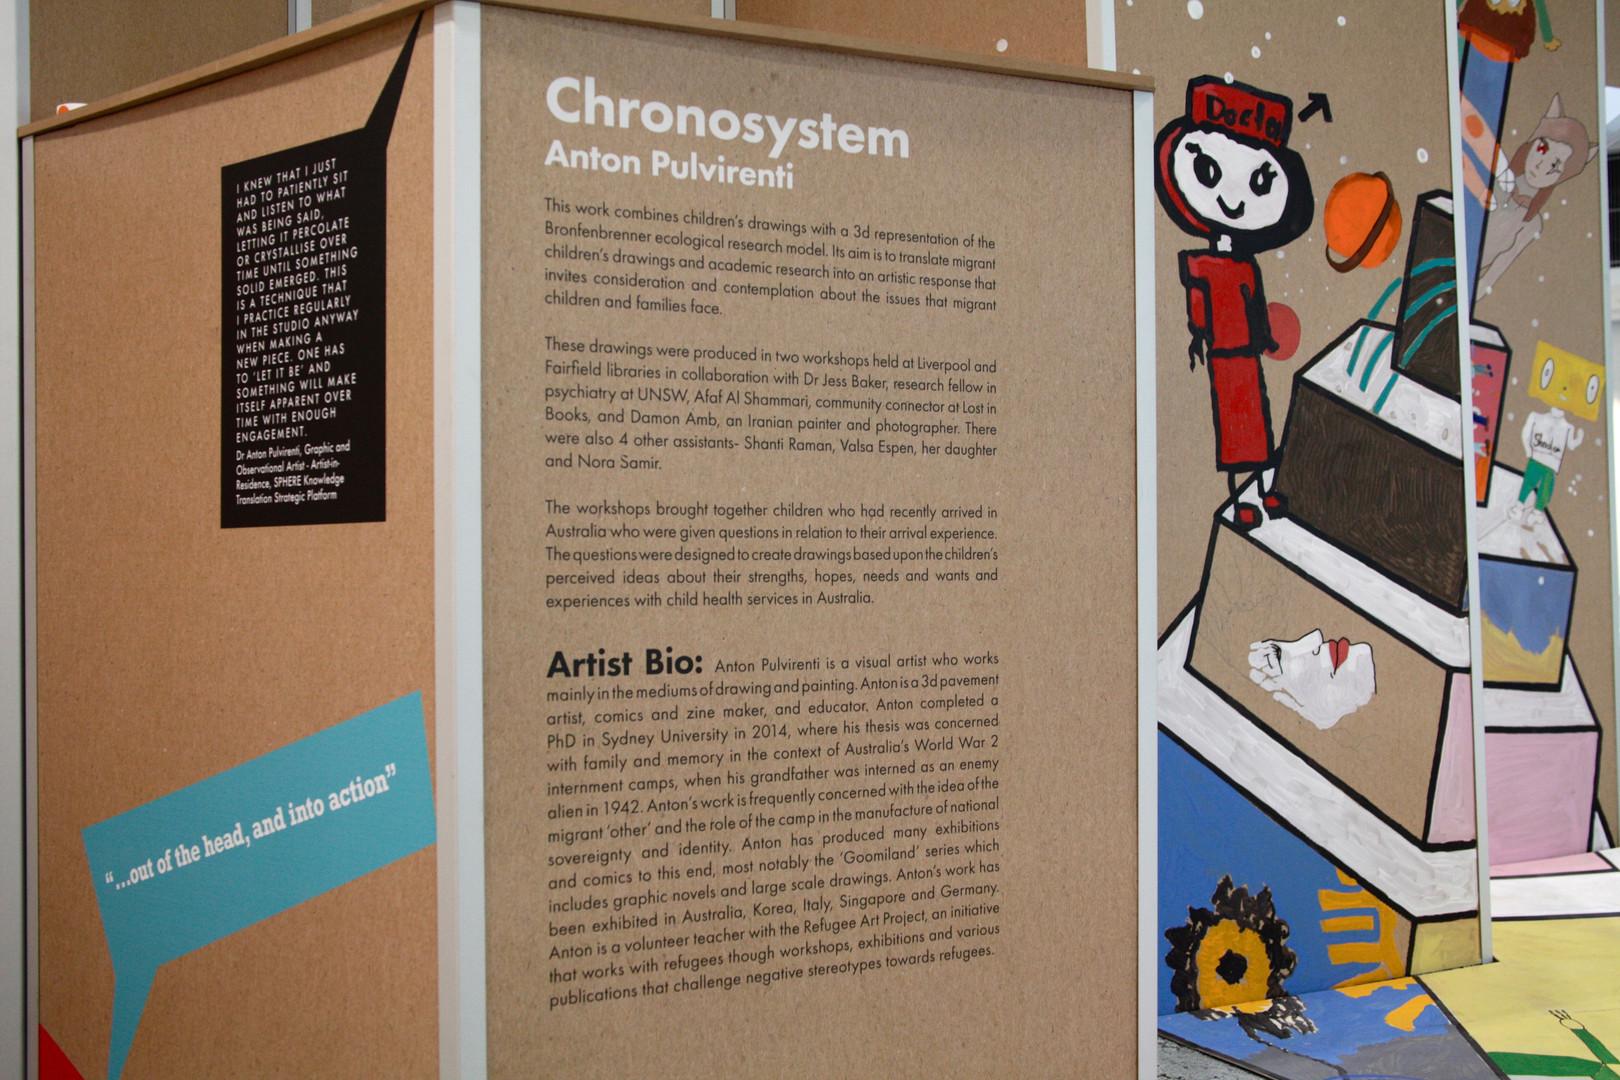 Chronosystem